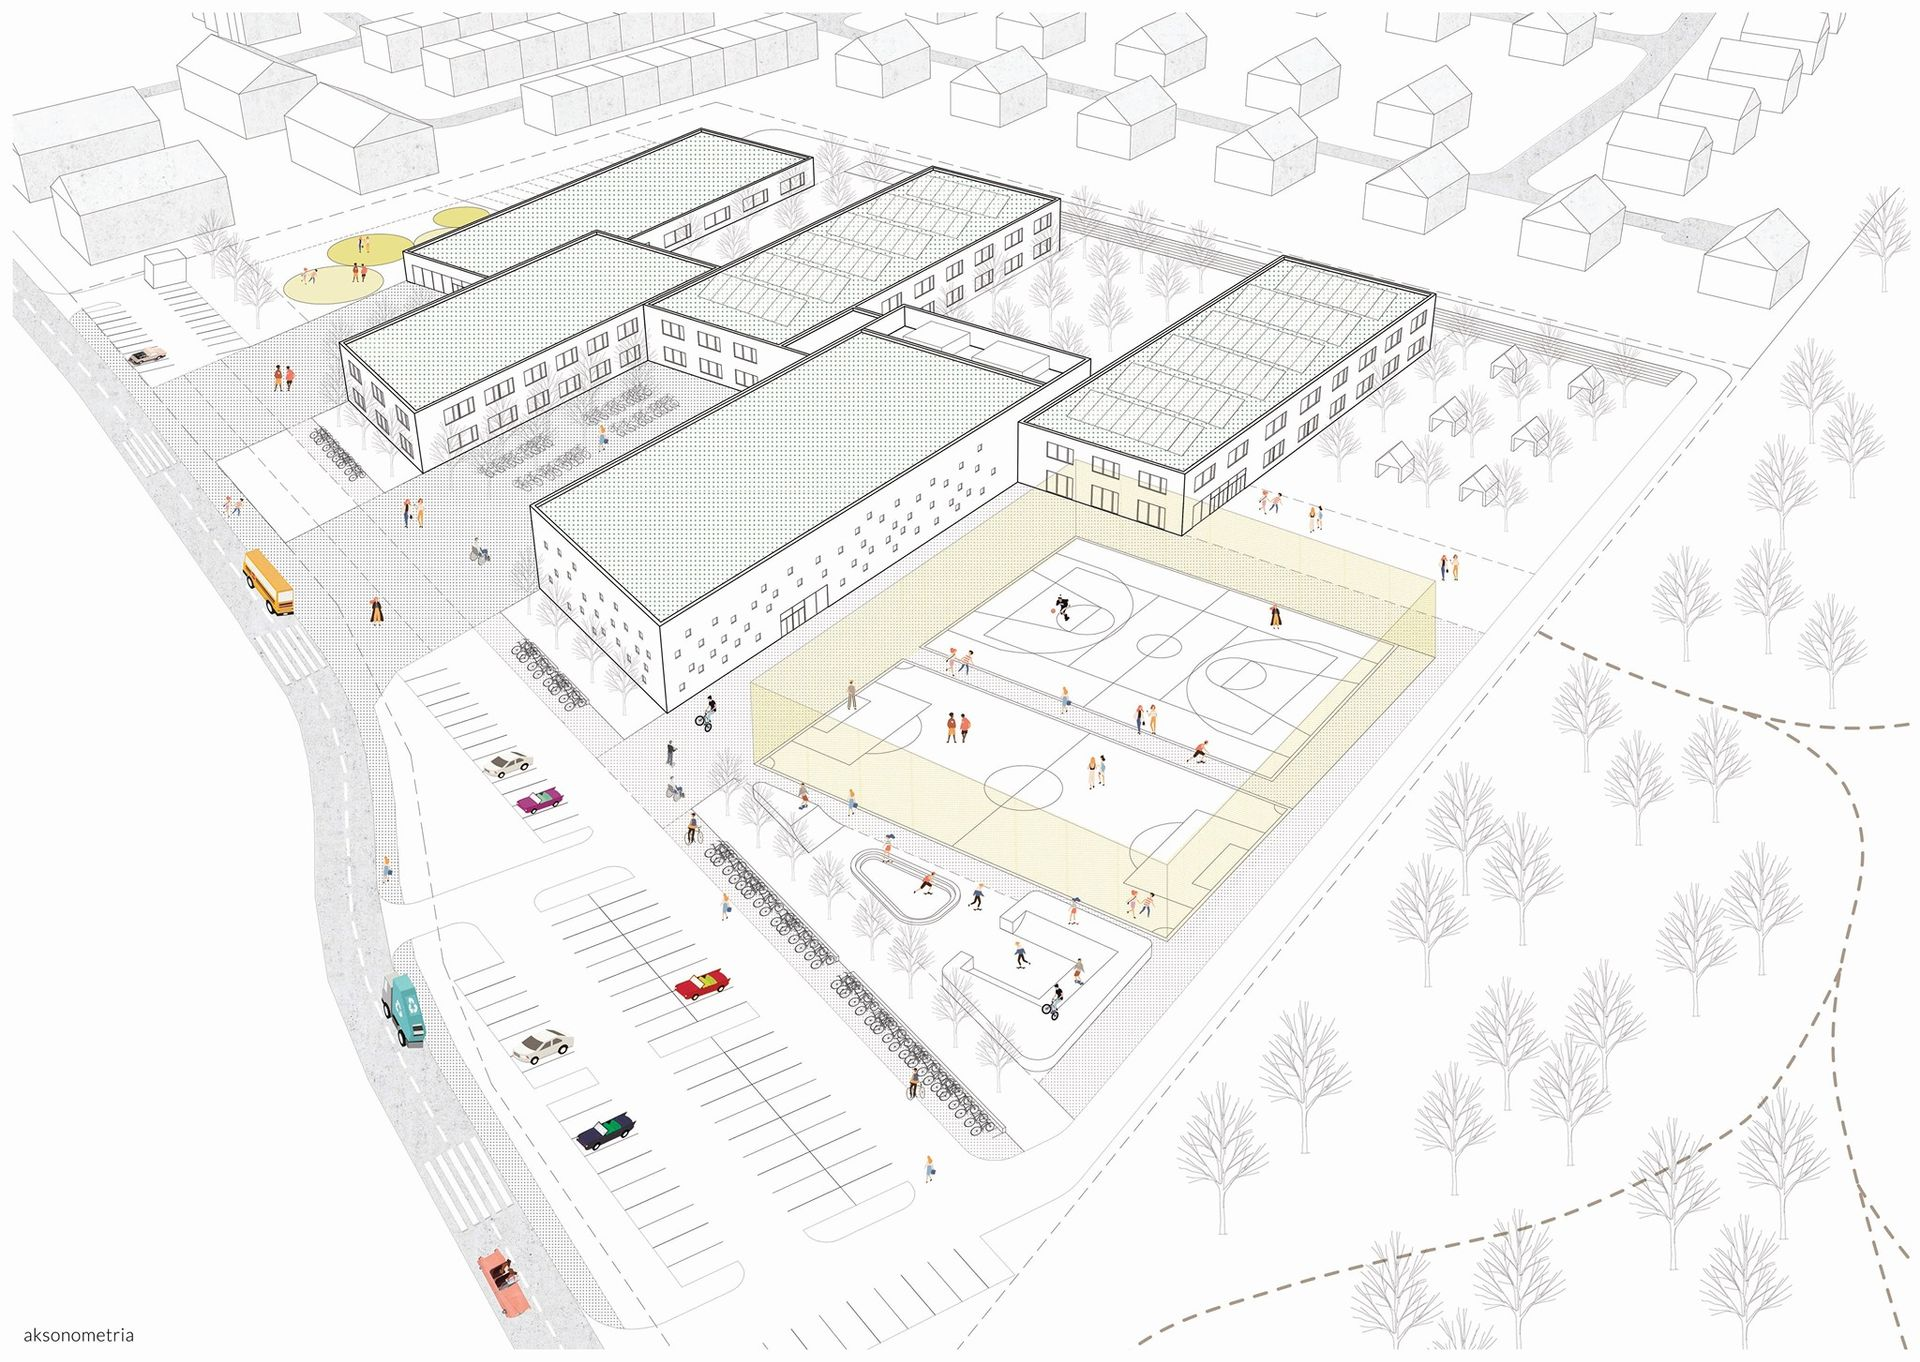 Miasto ogłasza przetarg na budowę nowego kompleksu szkolno-przedszkolnego na granicy Jagodna i Wojszyc